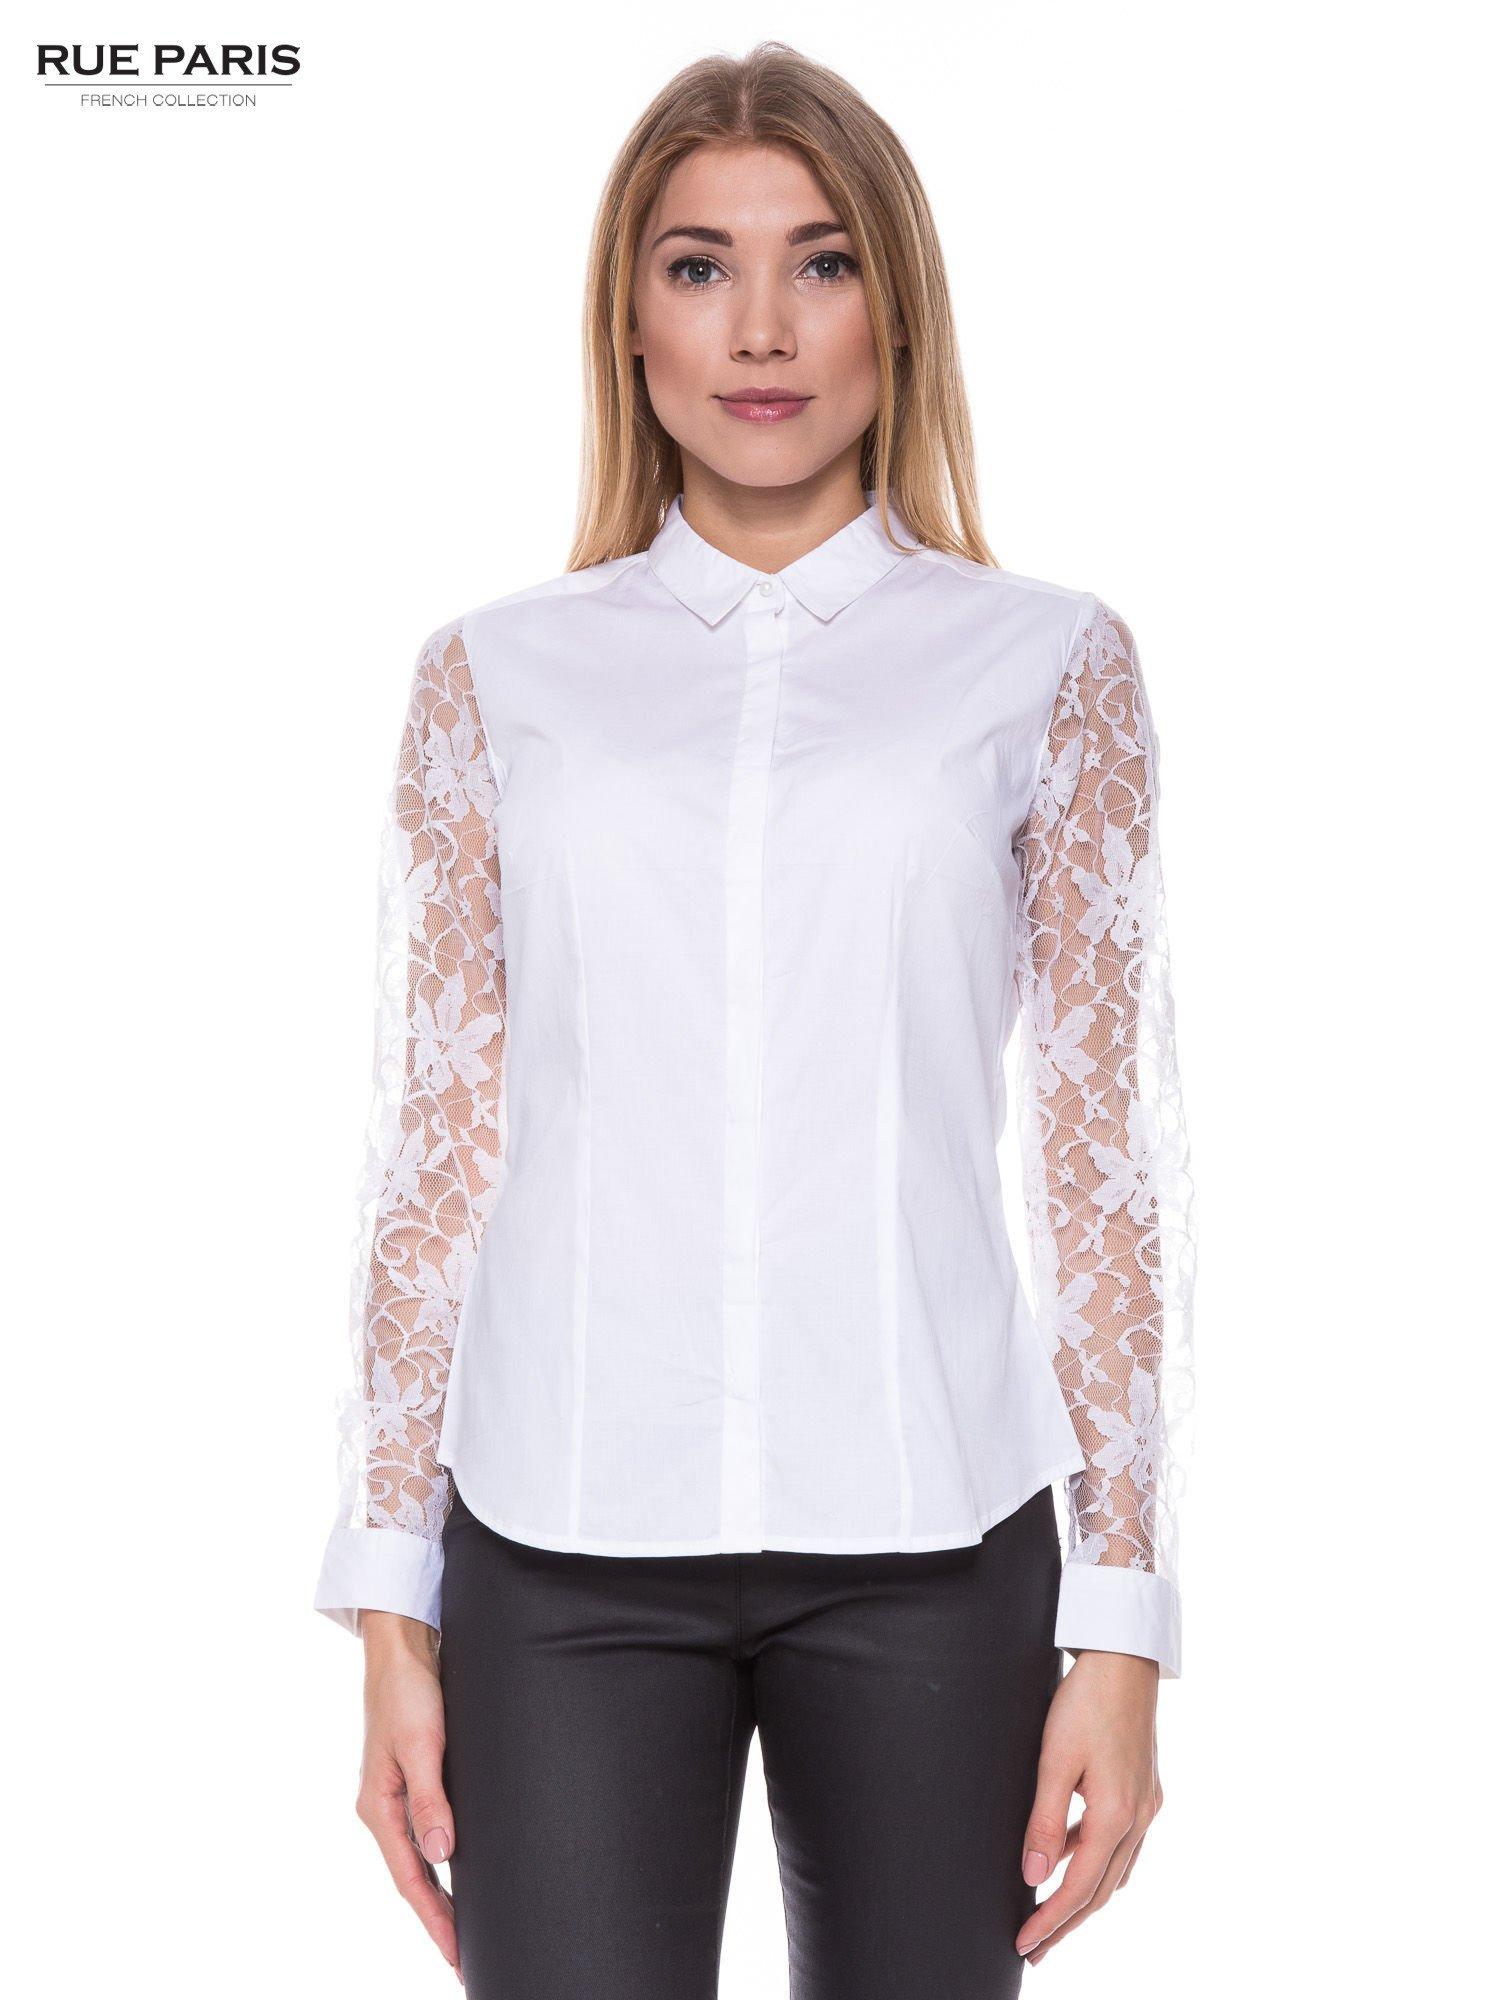 Biała elegancka koszula z koronkowymi rękawami                                  zdj.                                  1